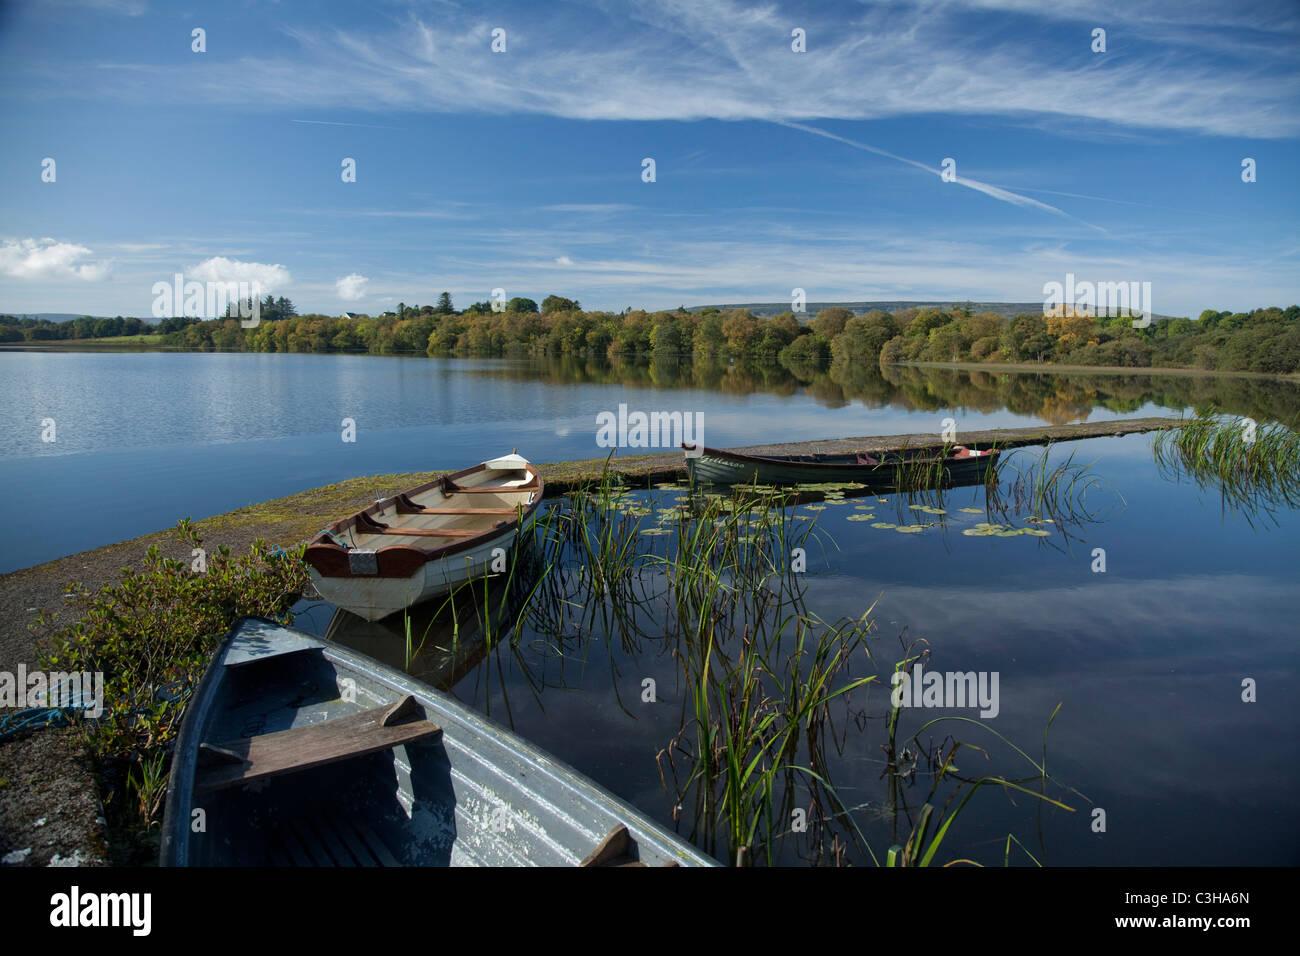 Bateaux de pêche dans le Lough Arrow, Comté de Sligo, Irlande. Photo Stock